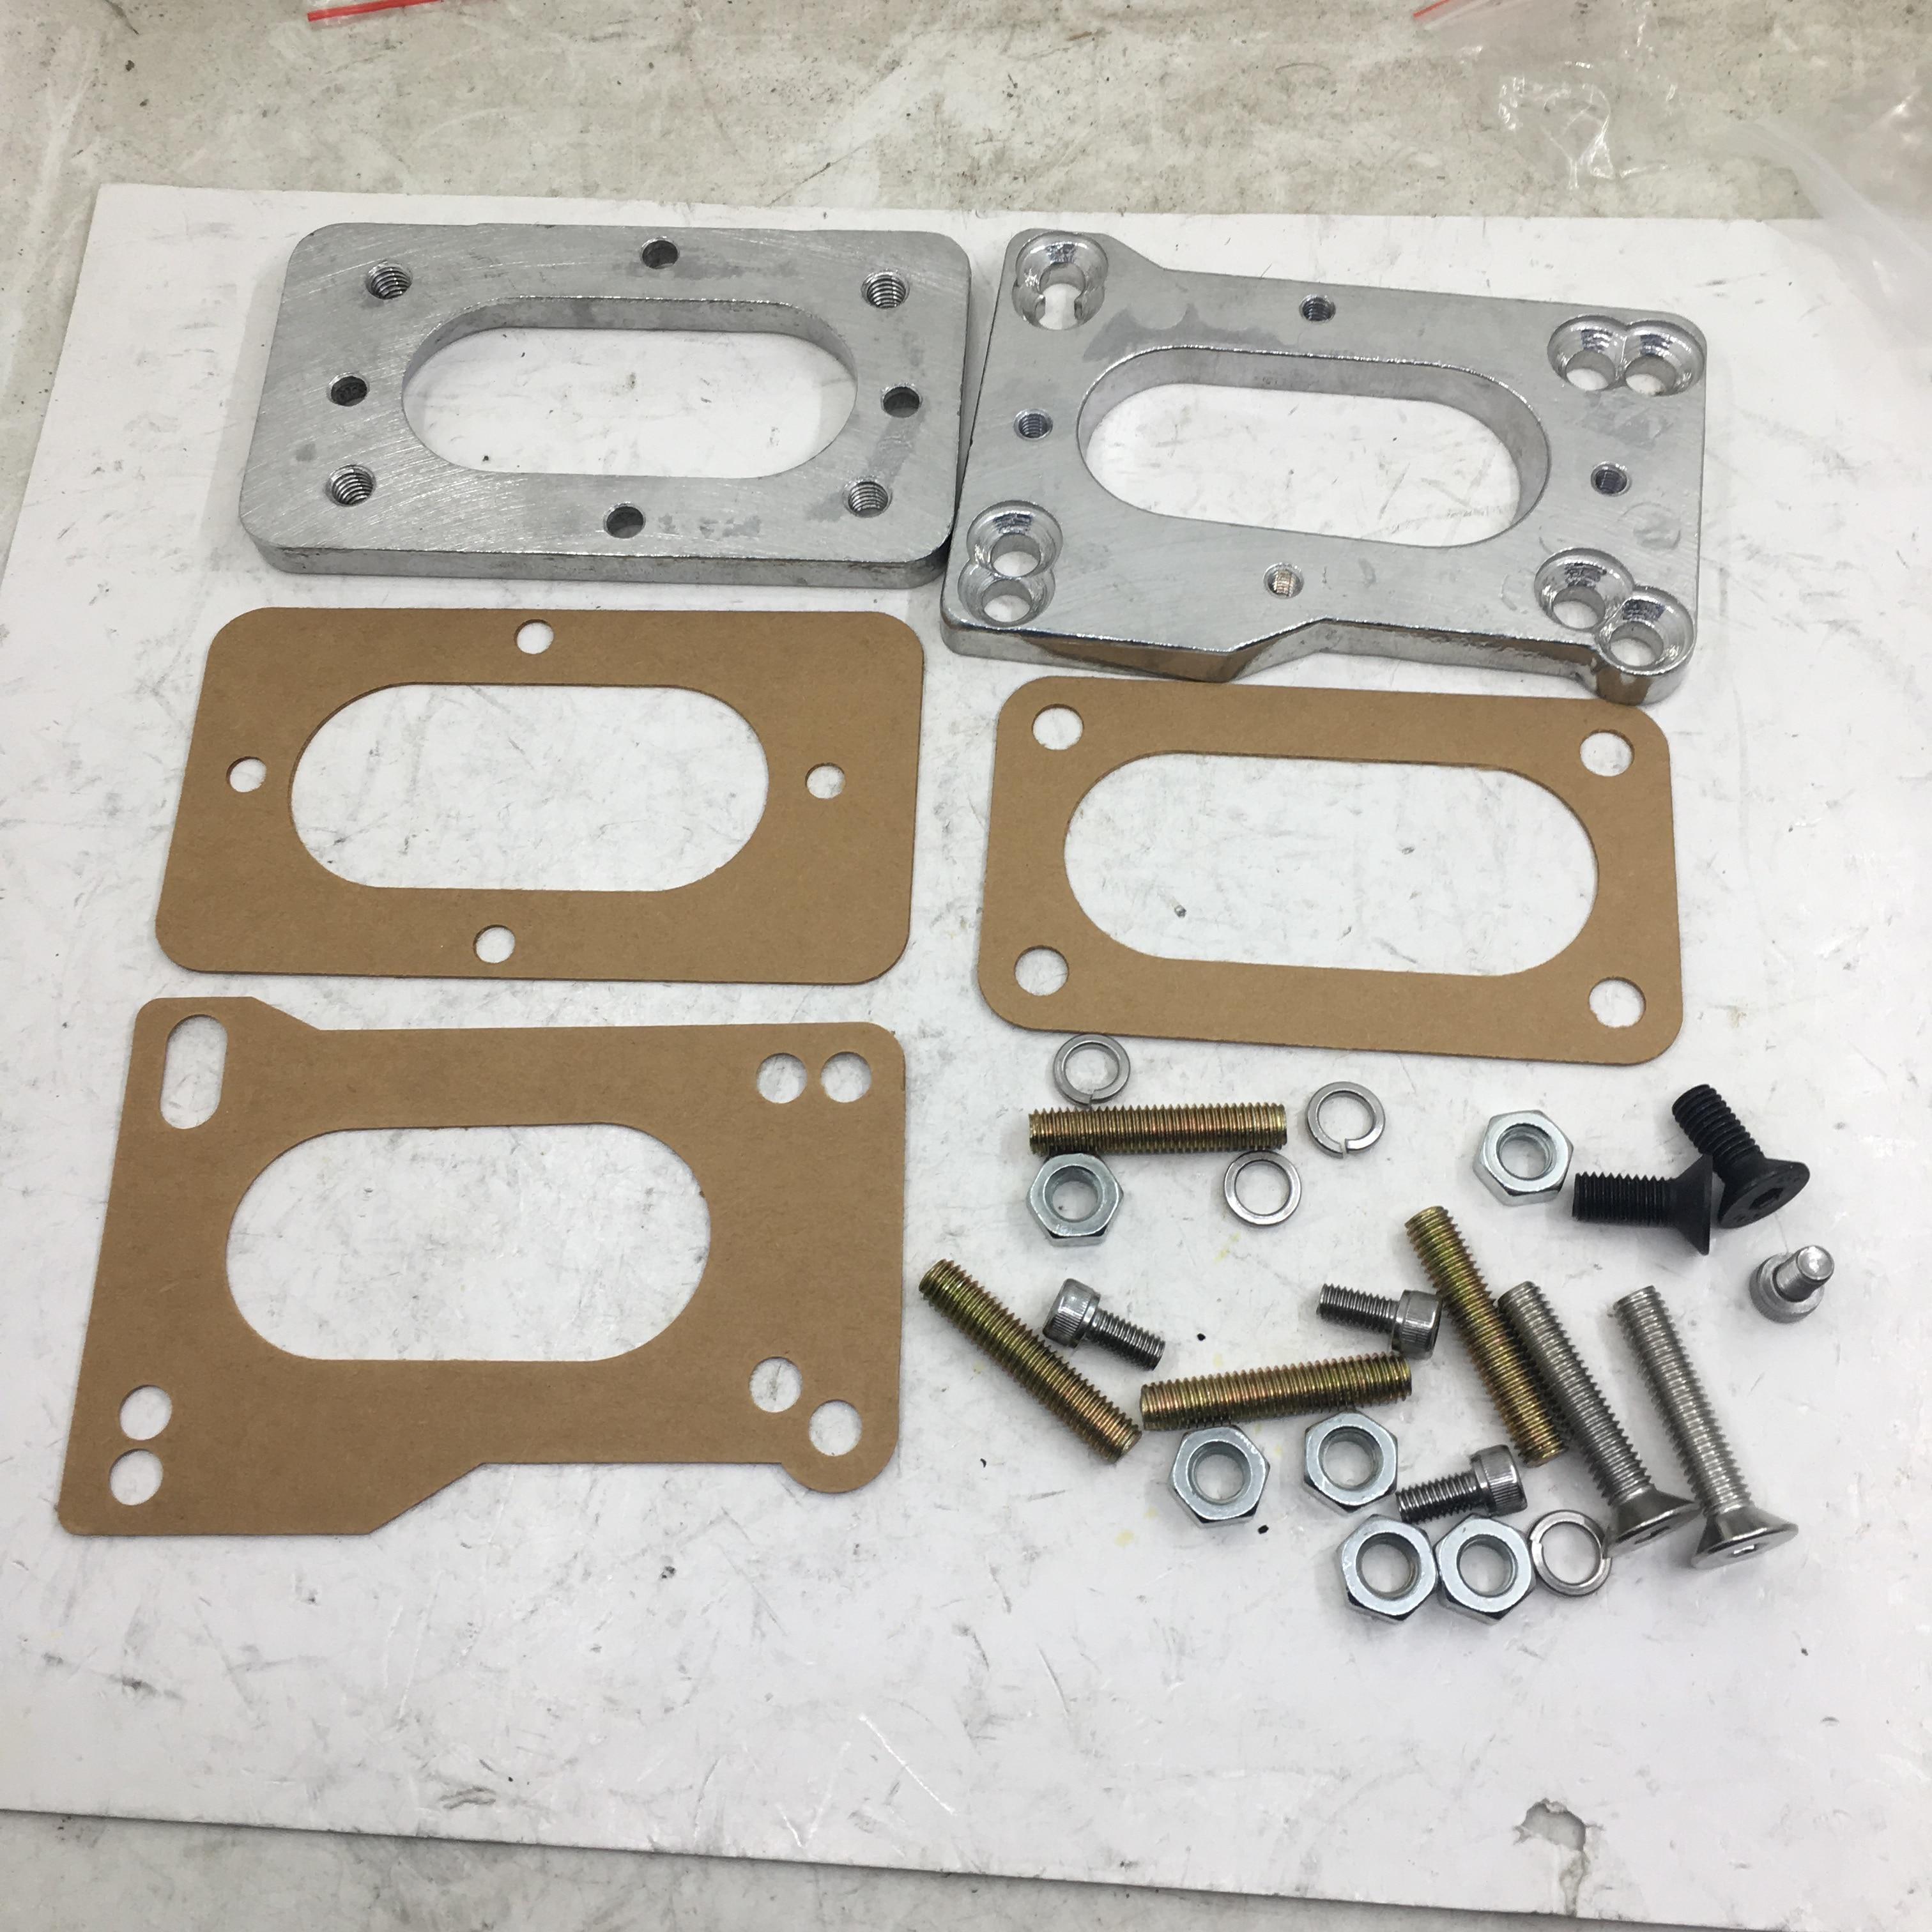 SherryBerg fajs EMPI carburateur carburateur carburateur kit adaptateur pour Toyota 22R 20R Weber joints matériel 32/36 dgv dgev dgav